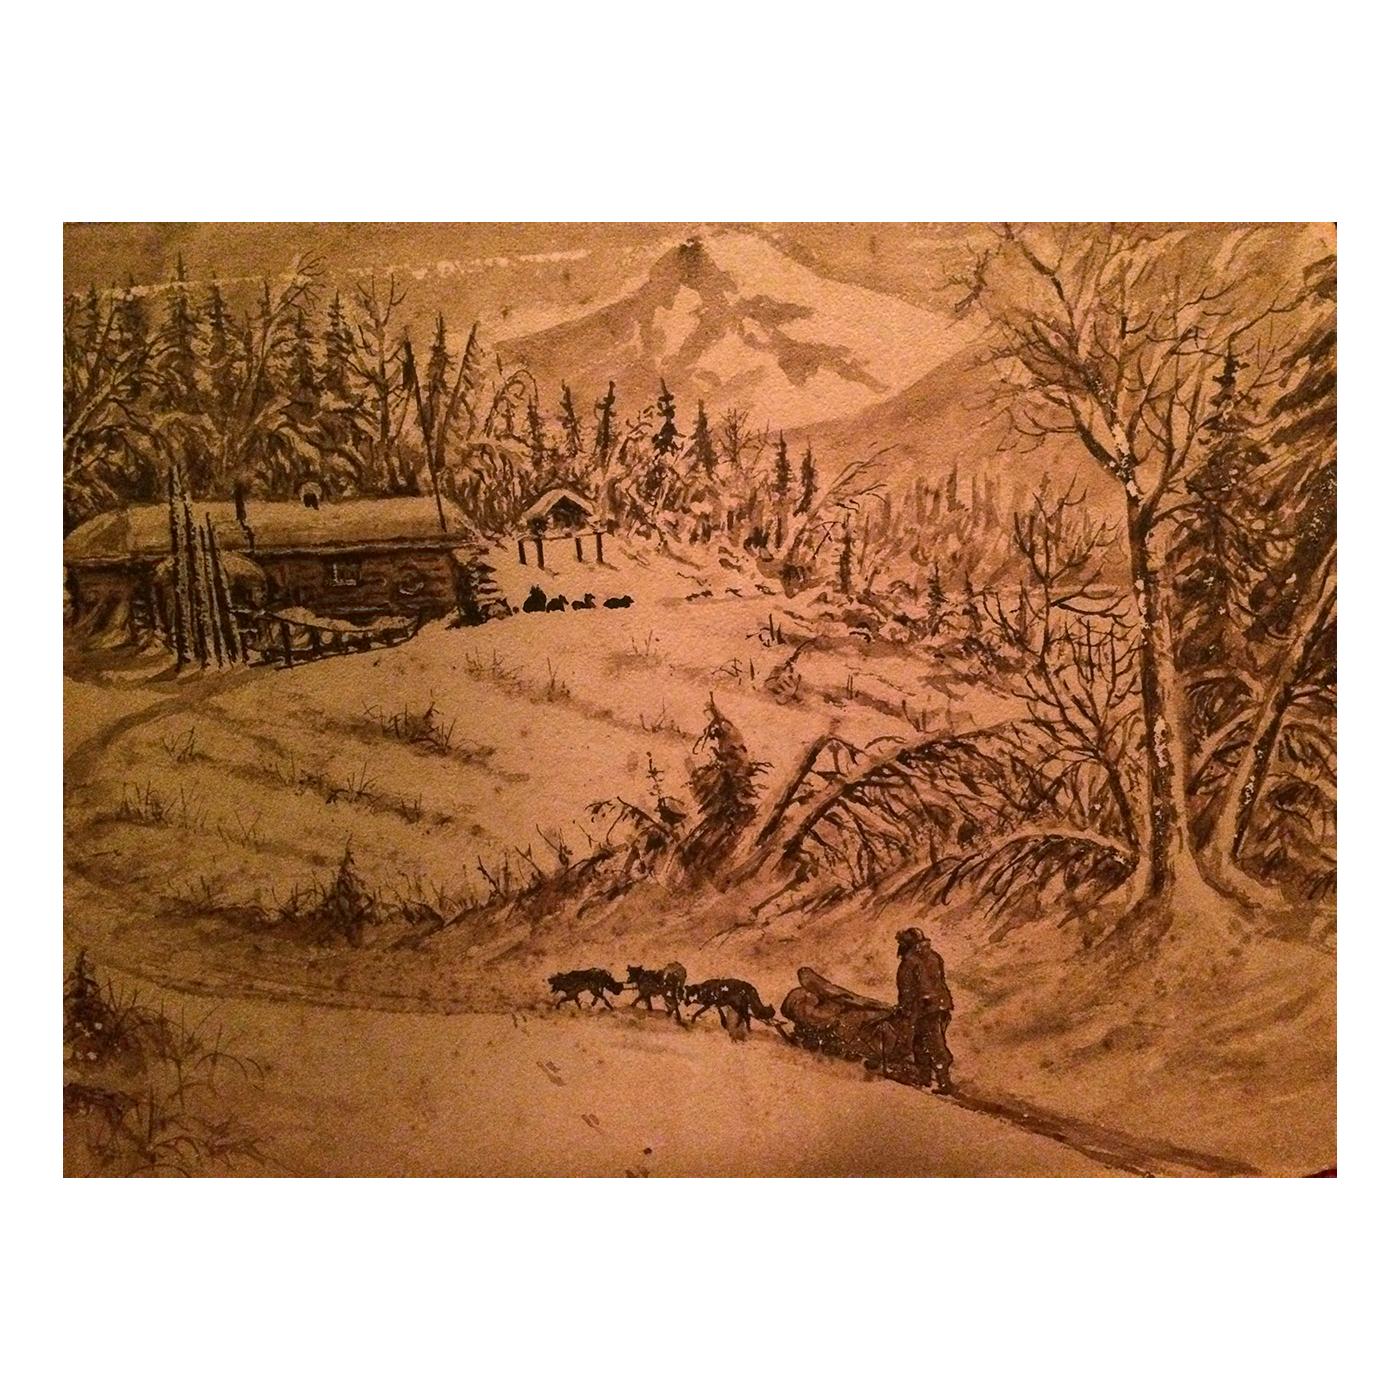 Alaskan folk art drawings titled Yukon Territory c.1880